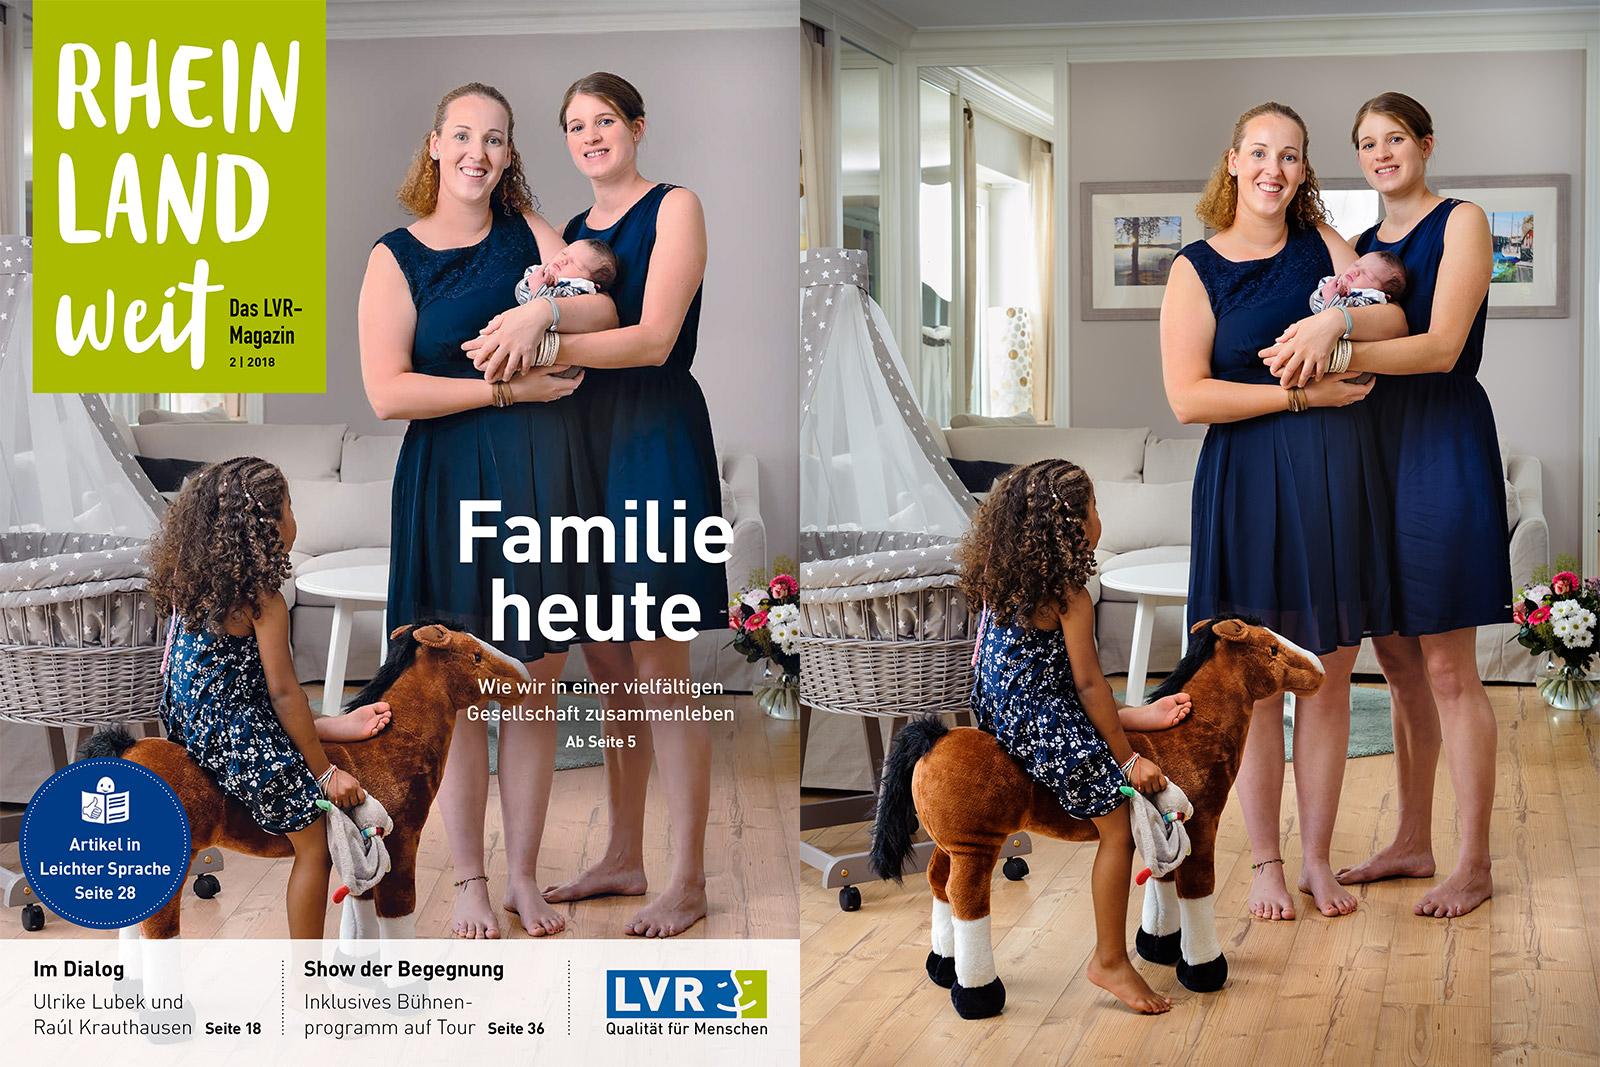 Titelbild für das LVR-Magazin Rheinlandweit: Familie heute – Wie wir in einer vielfältigen Gesellschaft zusammenleben. Foto © Dietrich Hackenberg